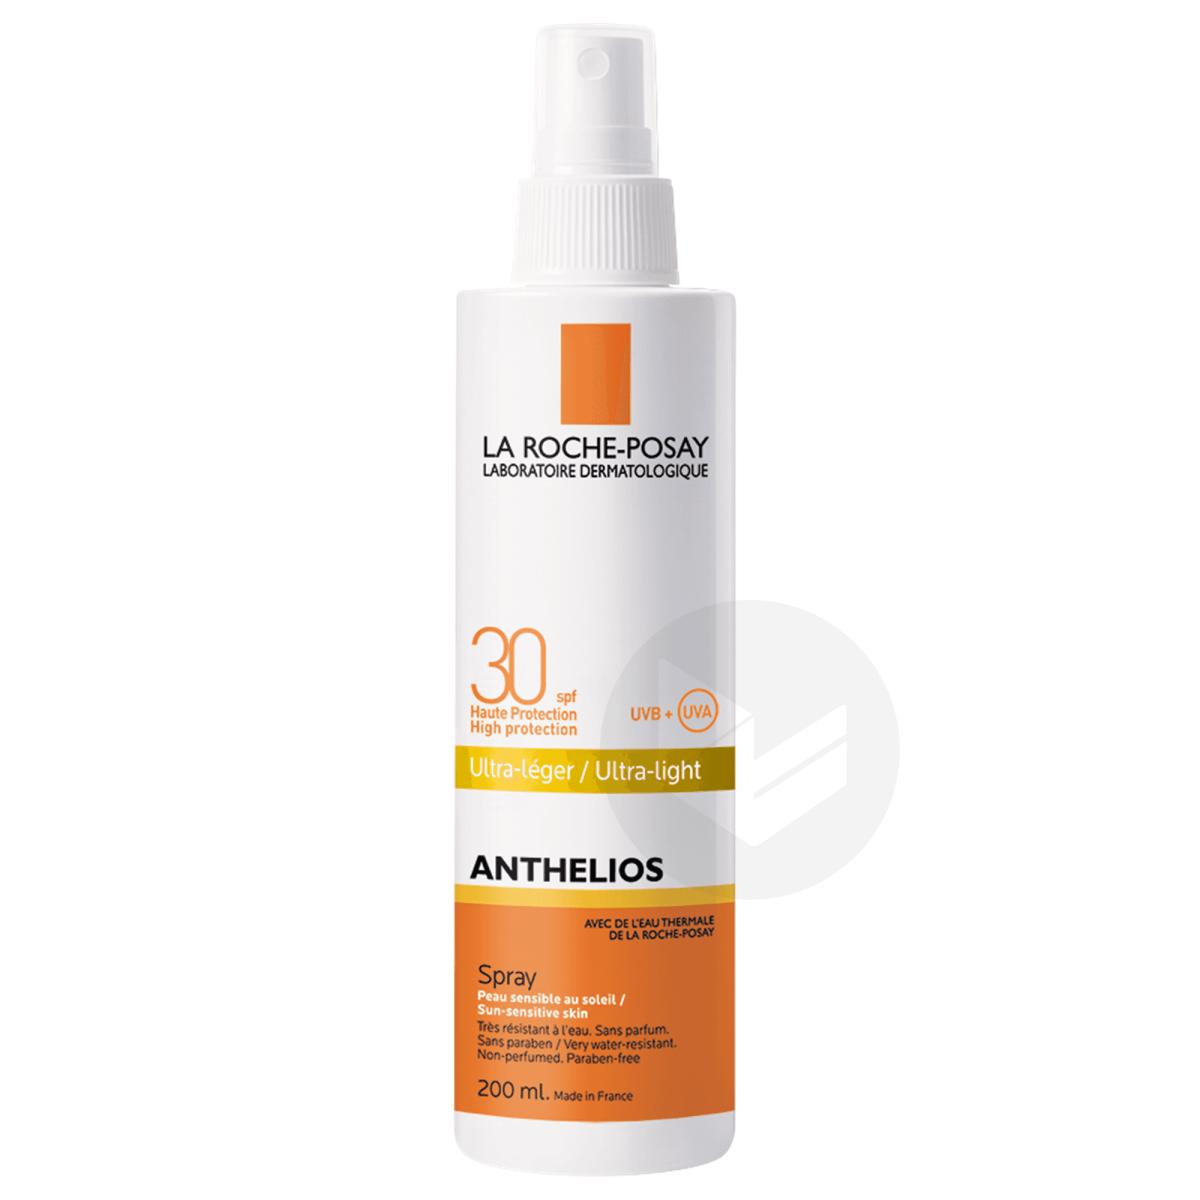 Anthelios Crème Solaire en Spray Corps SPF30 Avec Parfum 200ml